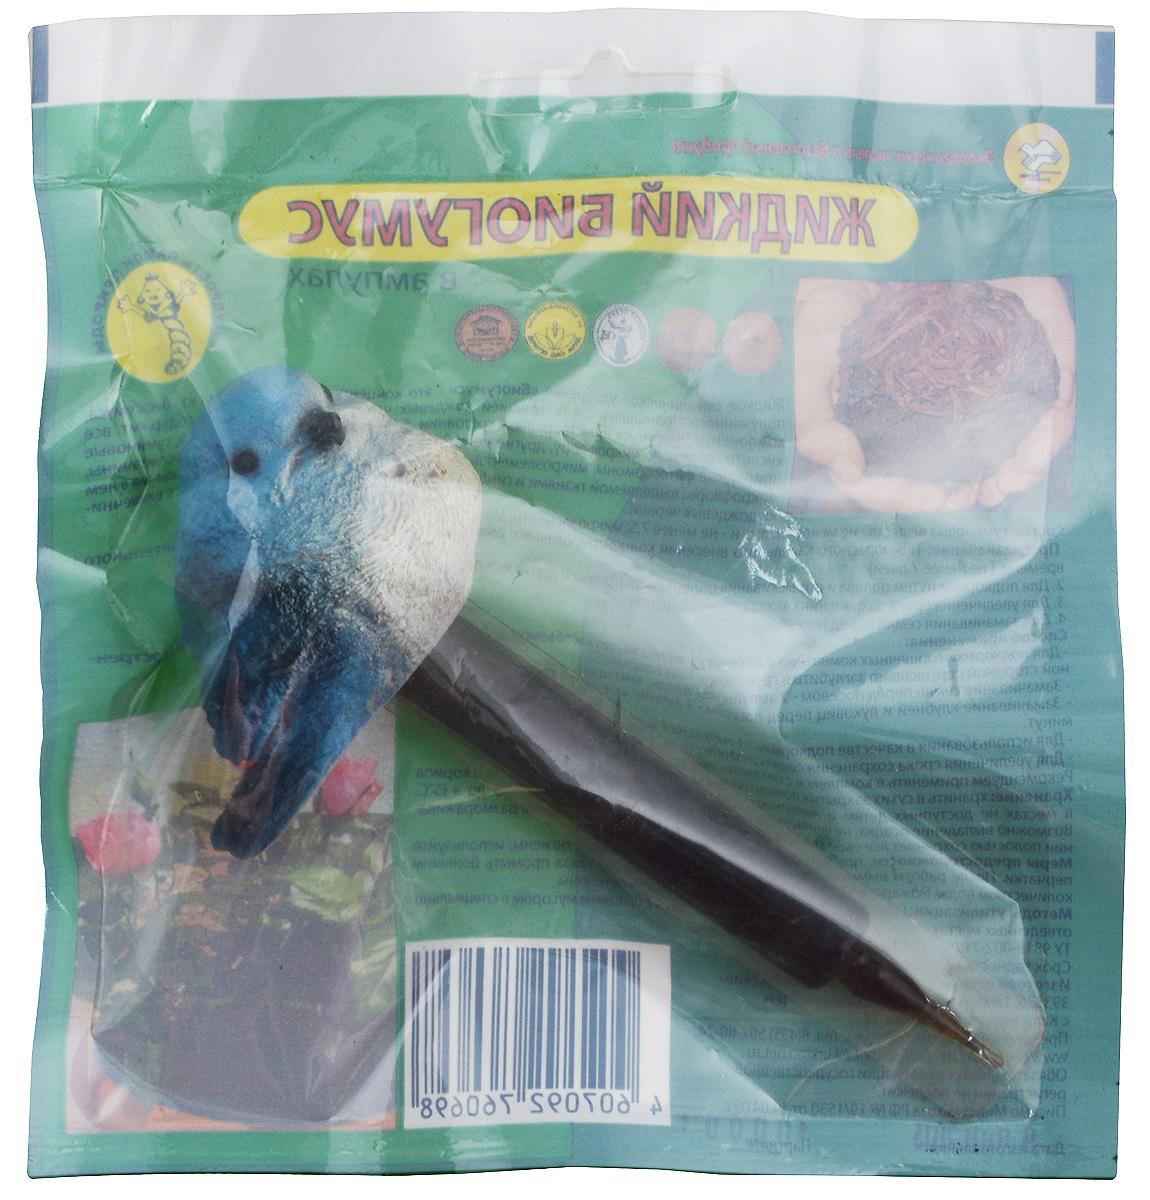 Удобрение Поля Русские Биогумус, в ампулах, цвет: голубой, 10 мл96001350Жидкое органическое удобрение Поля Русские Биогумус - это концентрированная вытяжка из биогумуса, полученного промышленной популяцией дождевых червей. Жидкое удобрение содержит все компоненты биогумуса в растворенном состоянии, биологически активные вещества, гуминовые кислоты, полезную микрофлору, другие метаболиты дождевых червей, аминокислоты, витамины, природные фитогормоны, микроэлементы. Эффект удобрения достигается за счет наличия в нем микрофлоры, выделяемой тканями и симбиотными микроорганизмами, находящимися в кишечнике дождевых червей. Удобрение предназначено для:- подкормки путем полива и опрыскивания овощных, цветочных и других культур,- увеличение срока сохранения свежесрезанных цветов,- замачивание семян перед посевом.Биогумус находится в пластиковой ампуле, которая украшена декоративным наконечником в виде птички. Состав: гуминовые вещества - не менее 3 г/л, pH - не менее 7,5, микроэлементы: Mg, Fe, B, Mn, Cu, Mo, Zn.Товар сертифицирован.